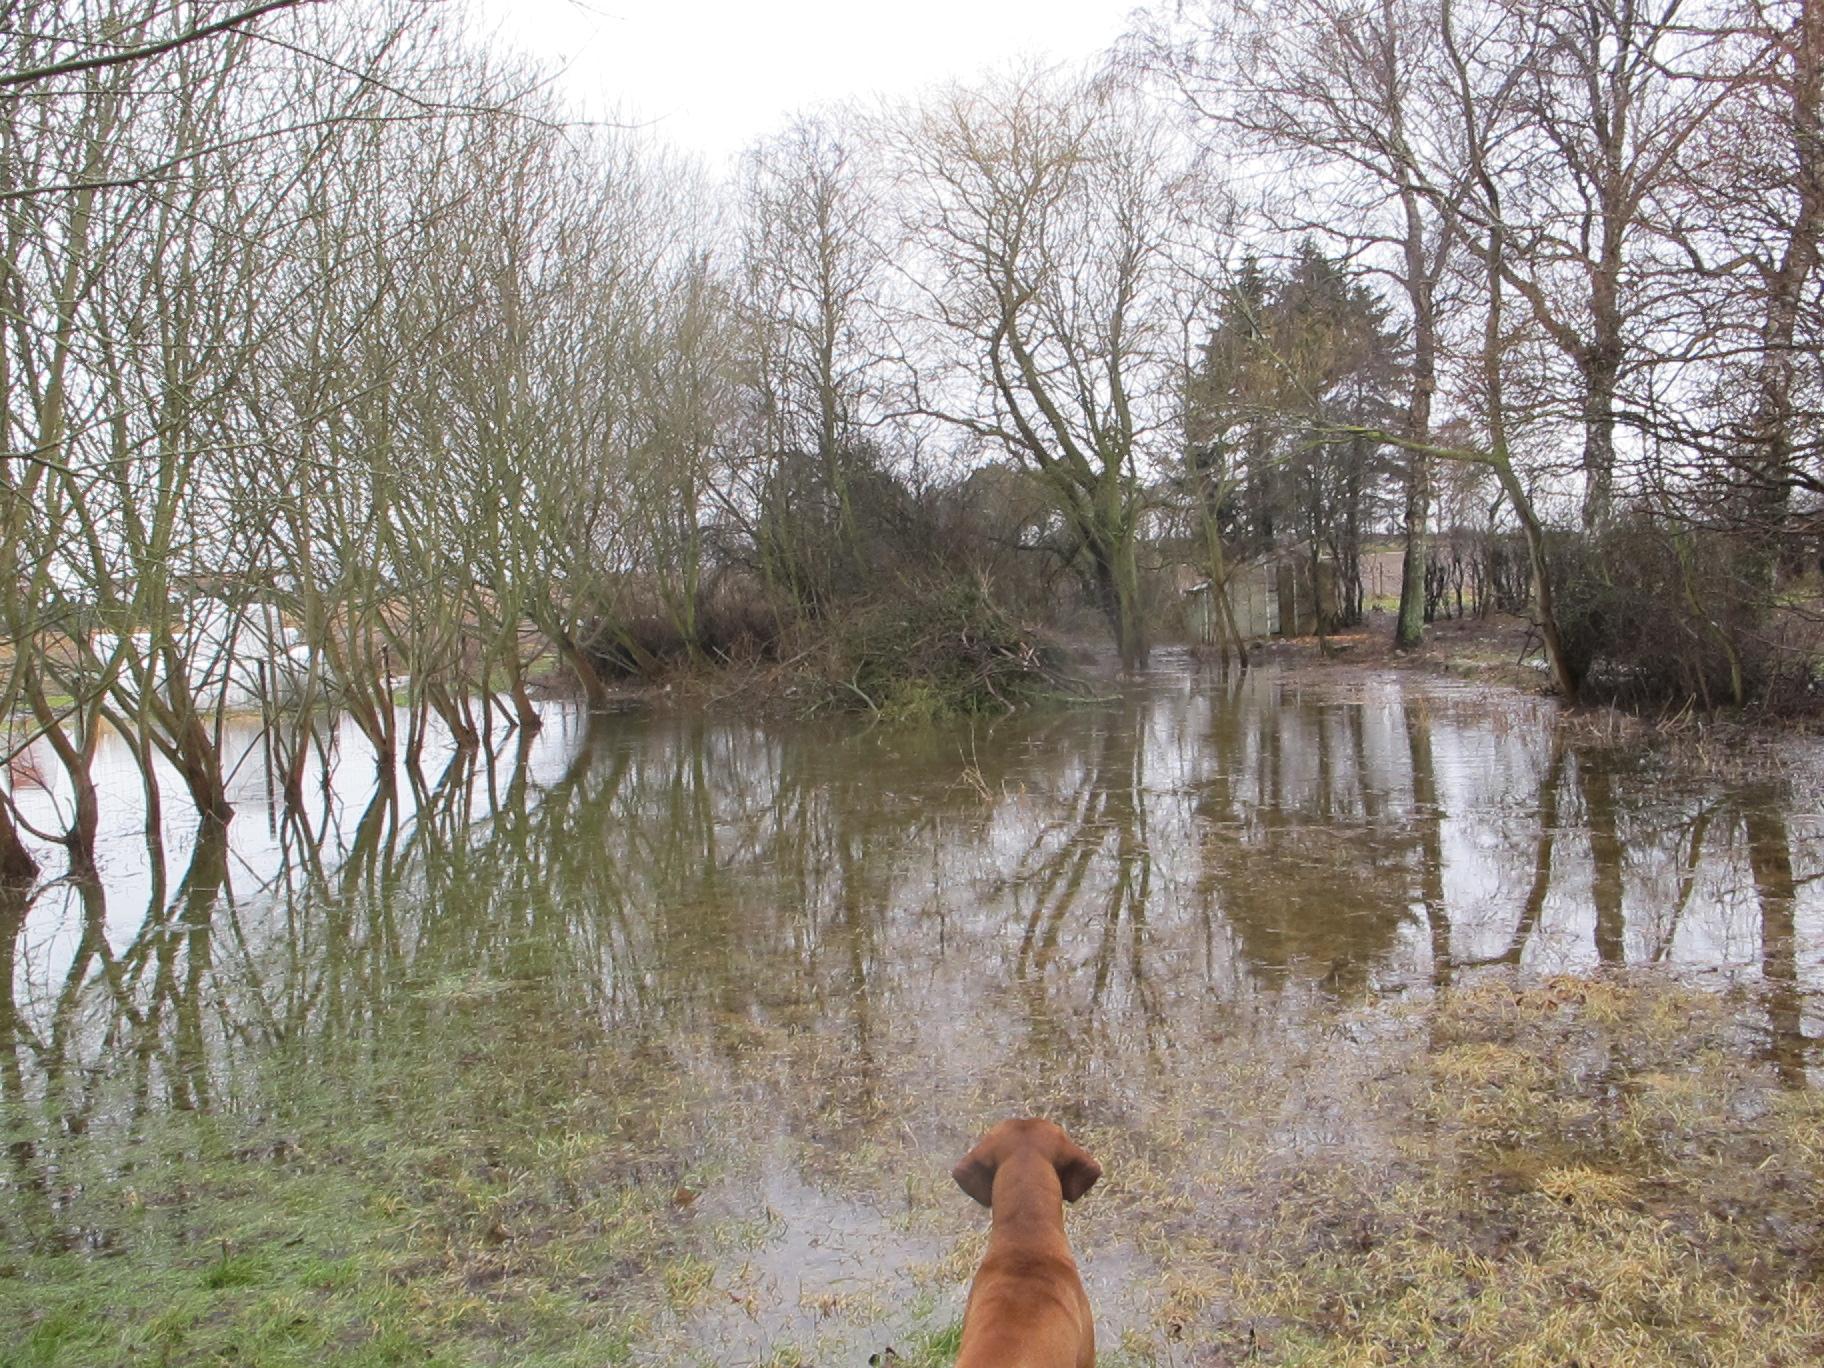 Haddock besigtiger den oversvømmede græseng.